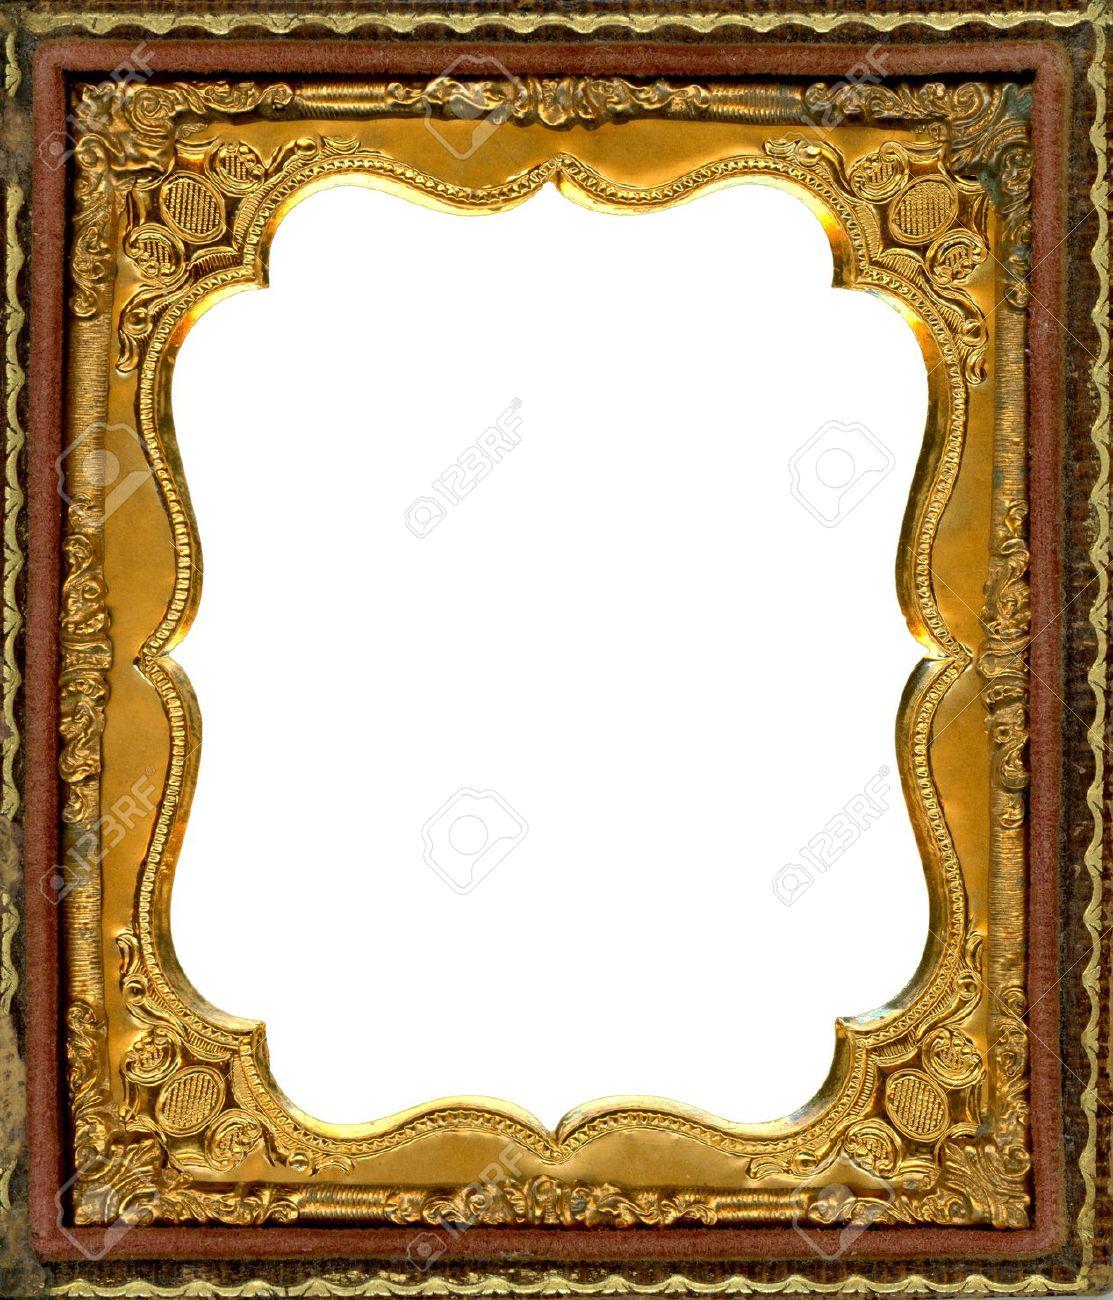 De Metal Adornado De Oro Marco De Imagen De La Década De 1850. Este ...